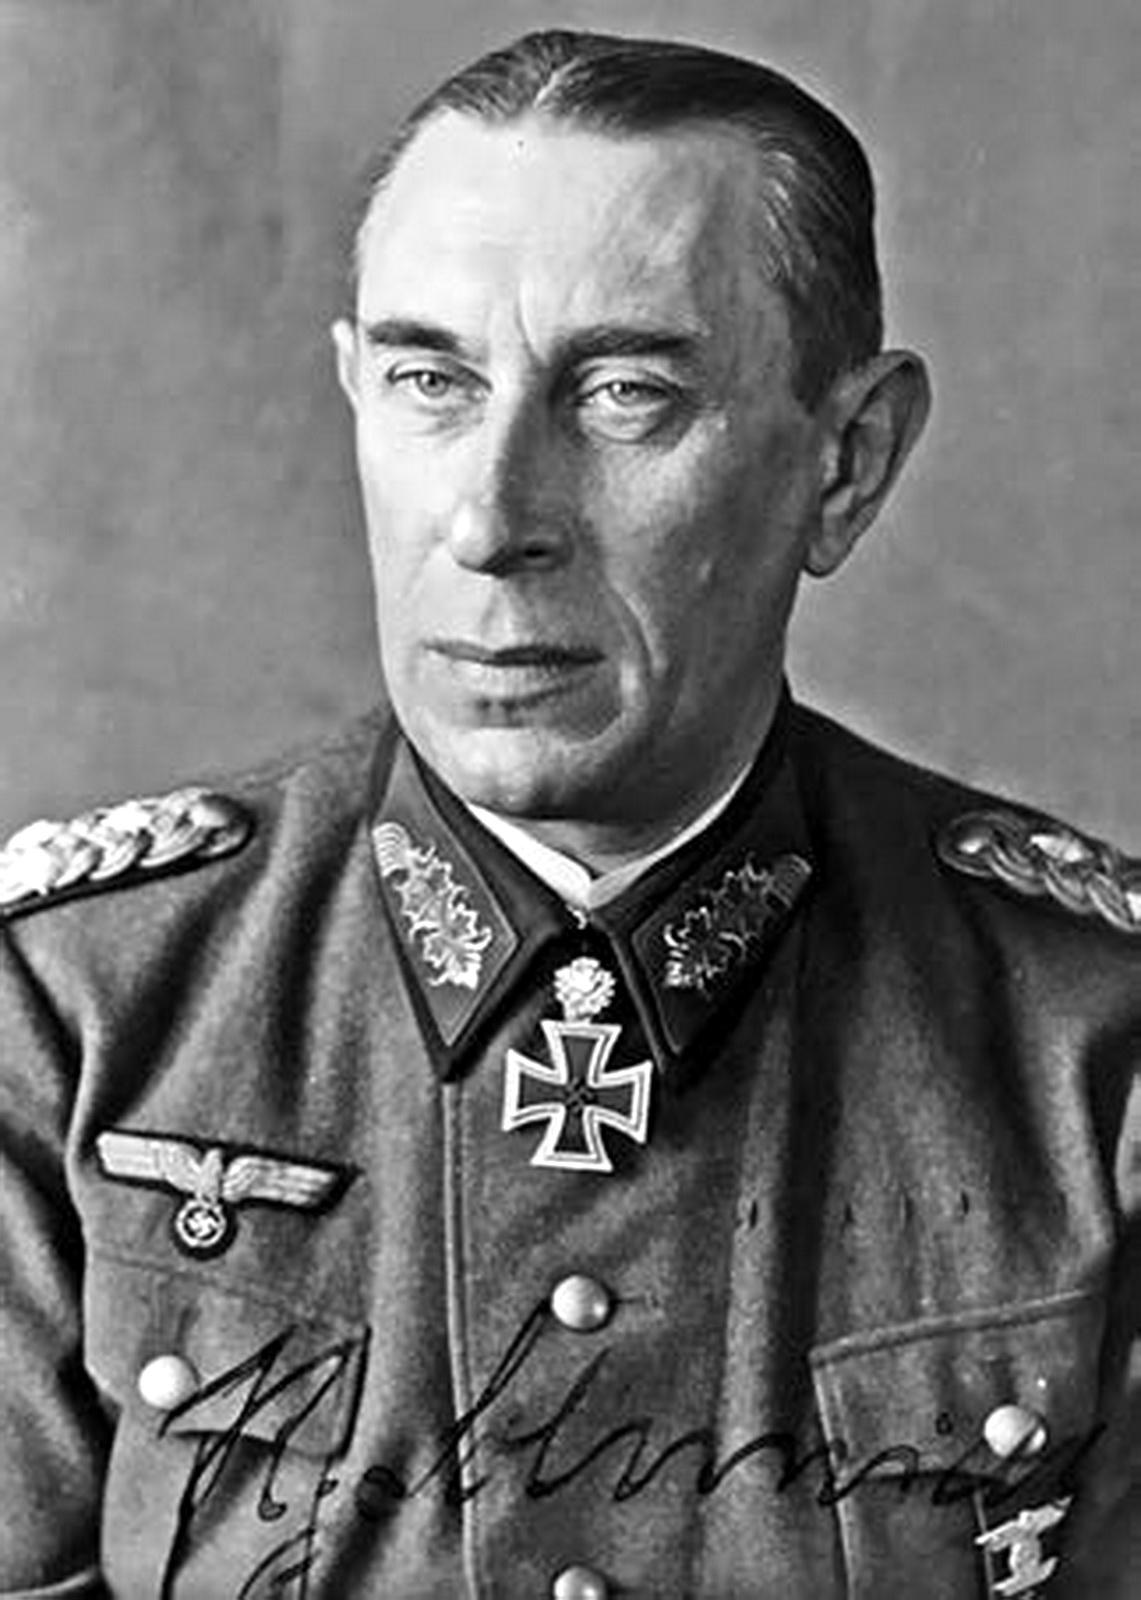 """Ritterkreuzträger: Portrait Photo of Rudolf """"Panzer"""" Schmidt"""""""